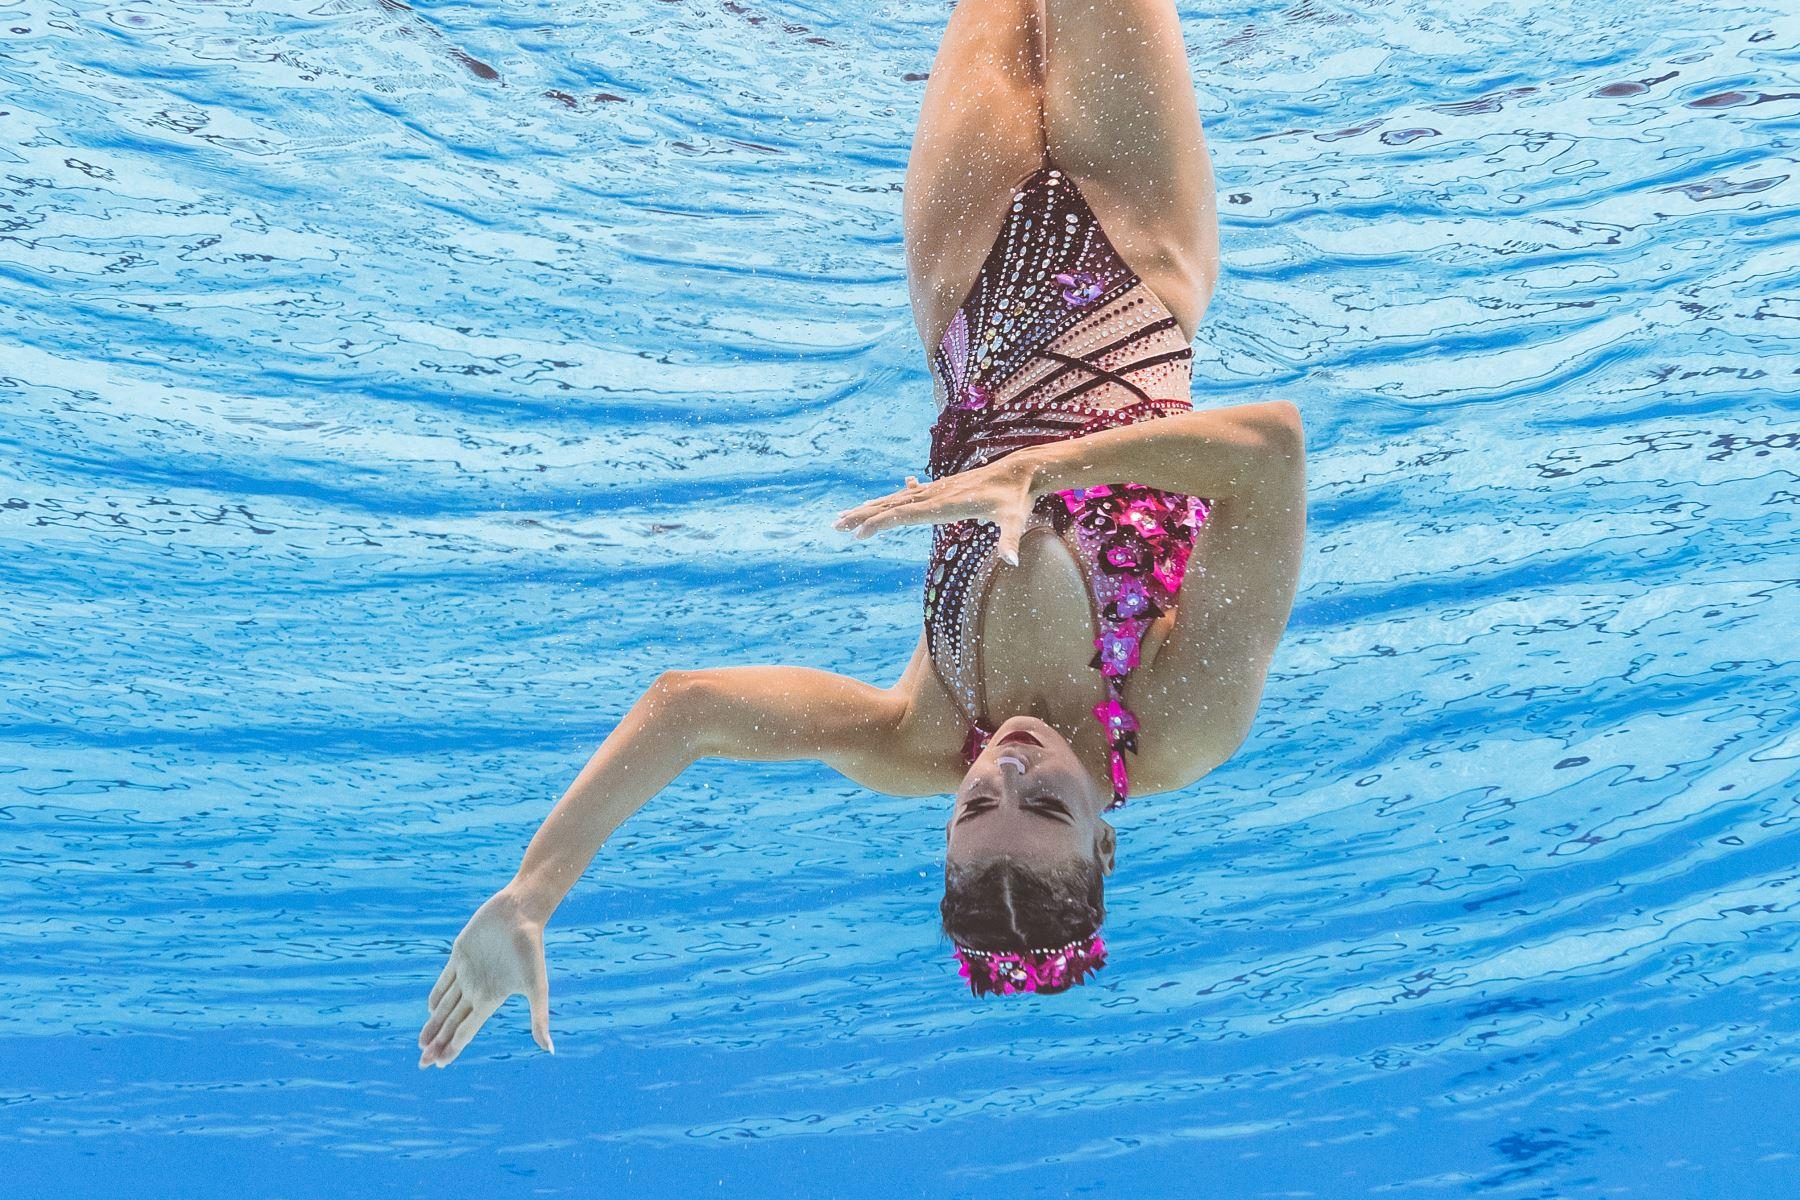 Vasiliki Alexandri de Austria compite en el evento de natación artística durante el campeonato mundial 2019 en Corea del Sur. Foto: AFP